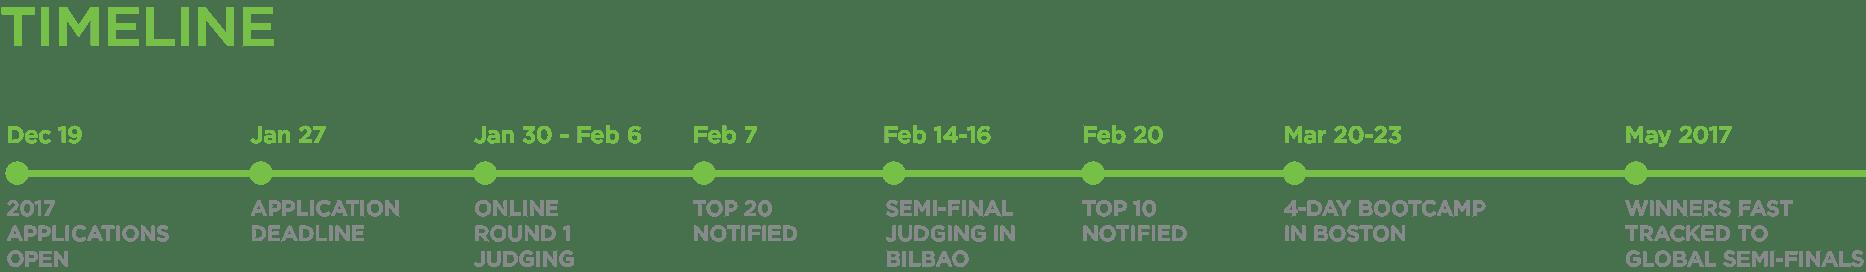 2016-12-05 Biscay 2017 Timeline_v2_FINAL.png